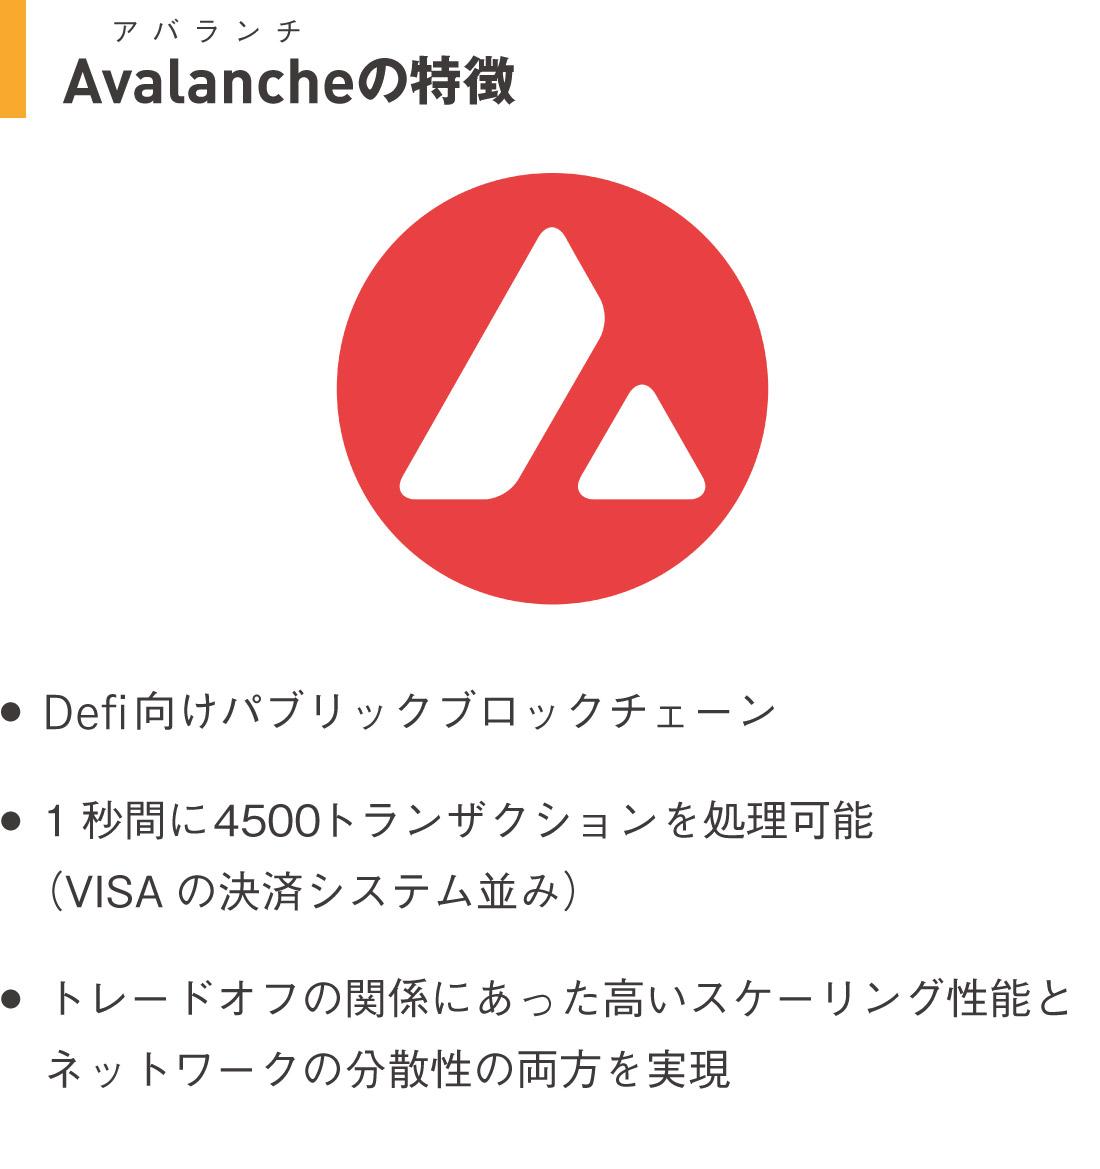 avalancheの特徴